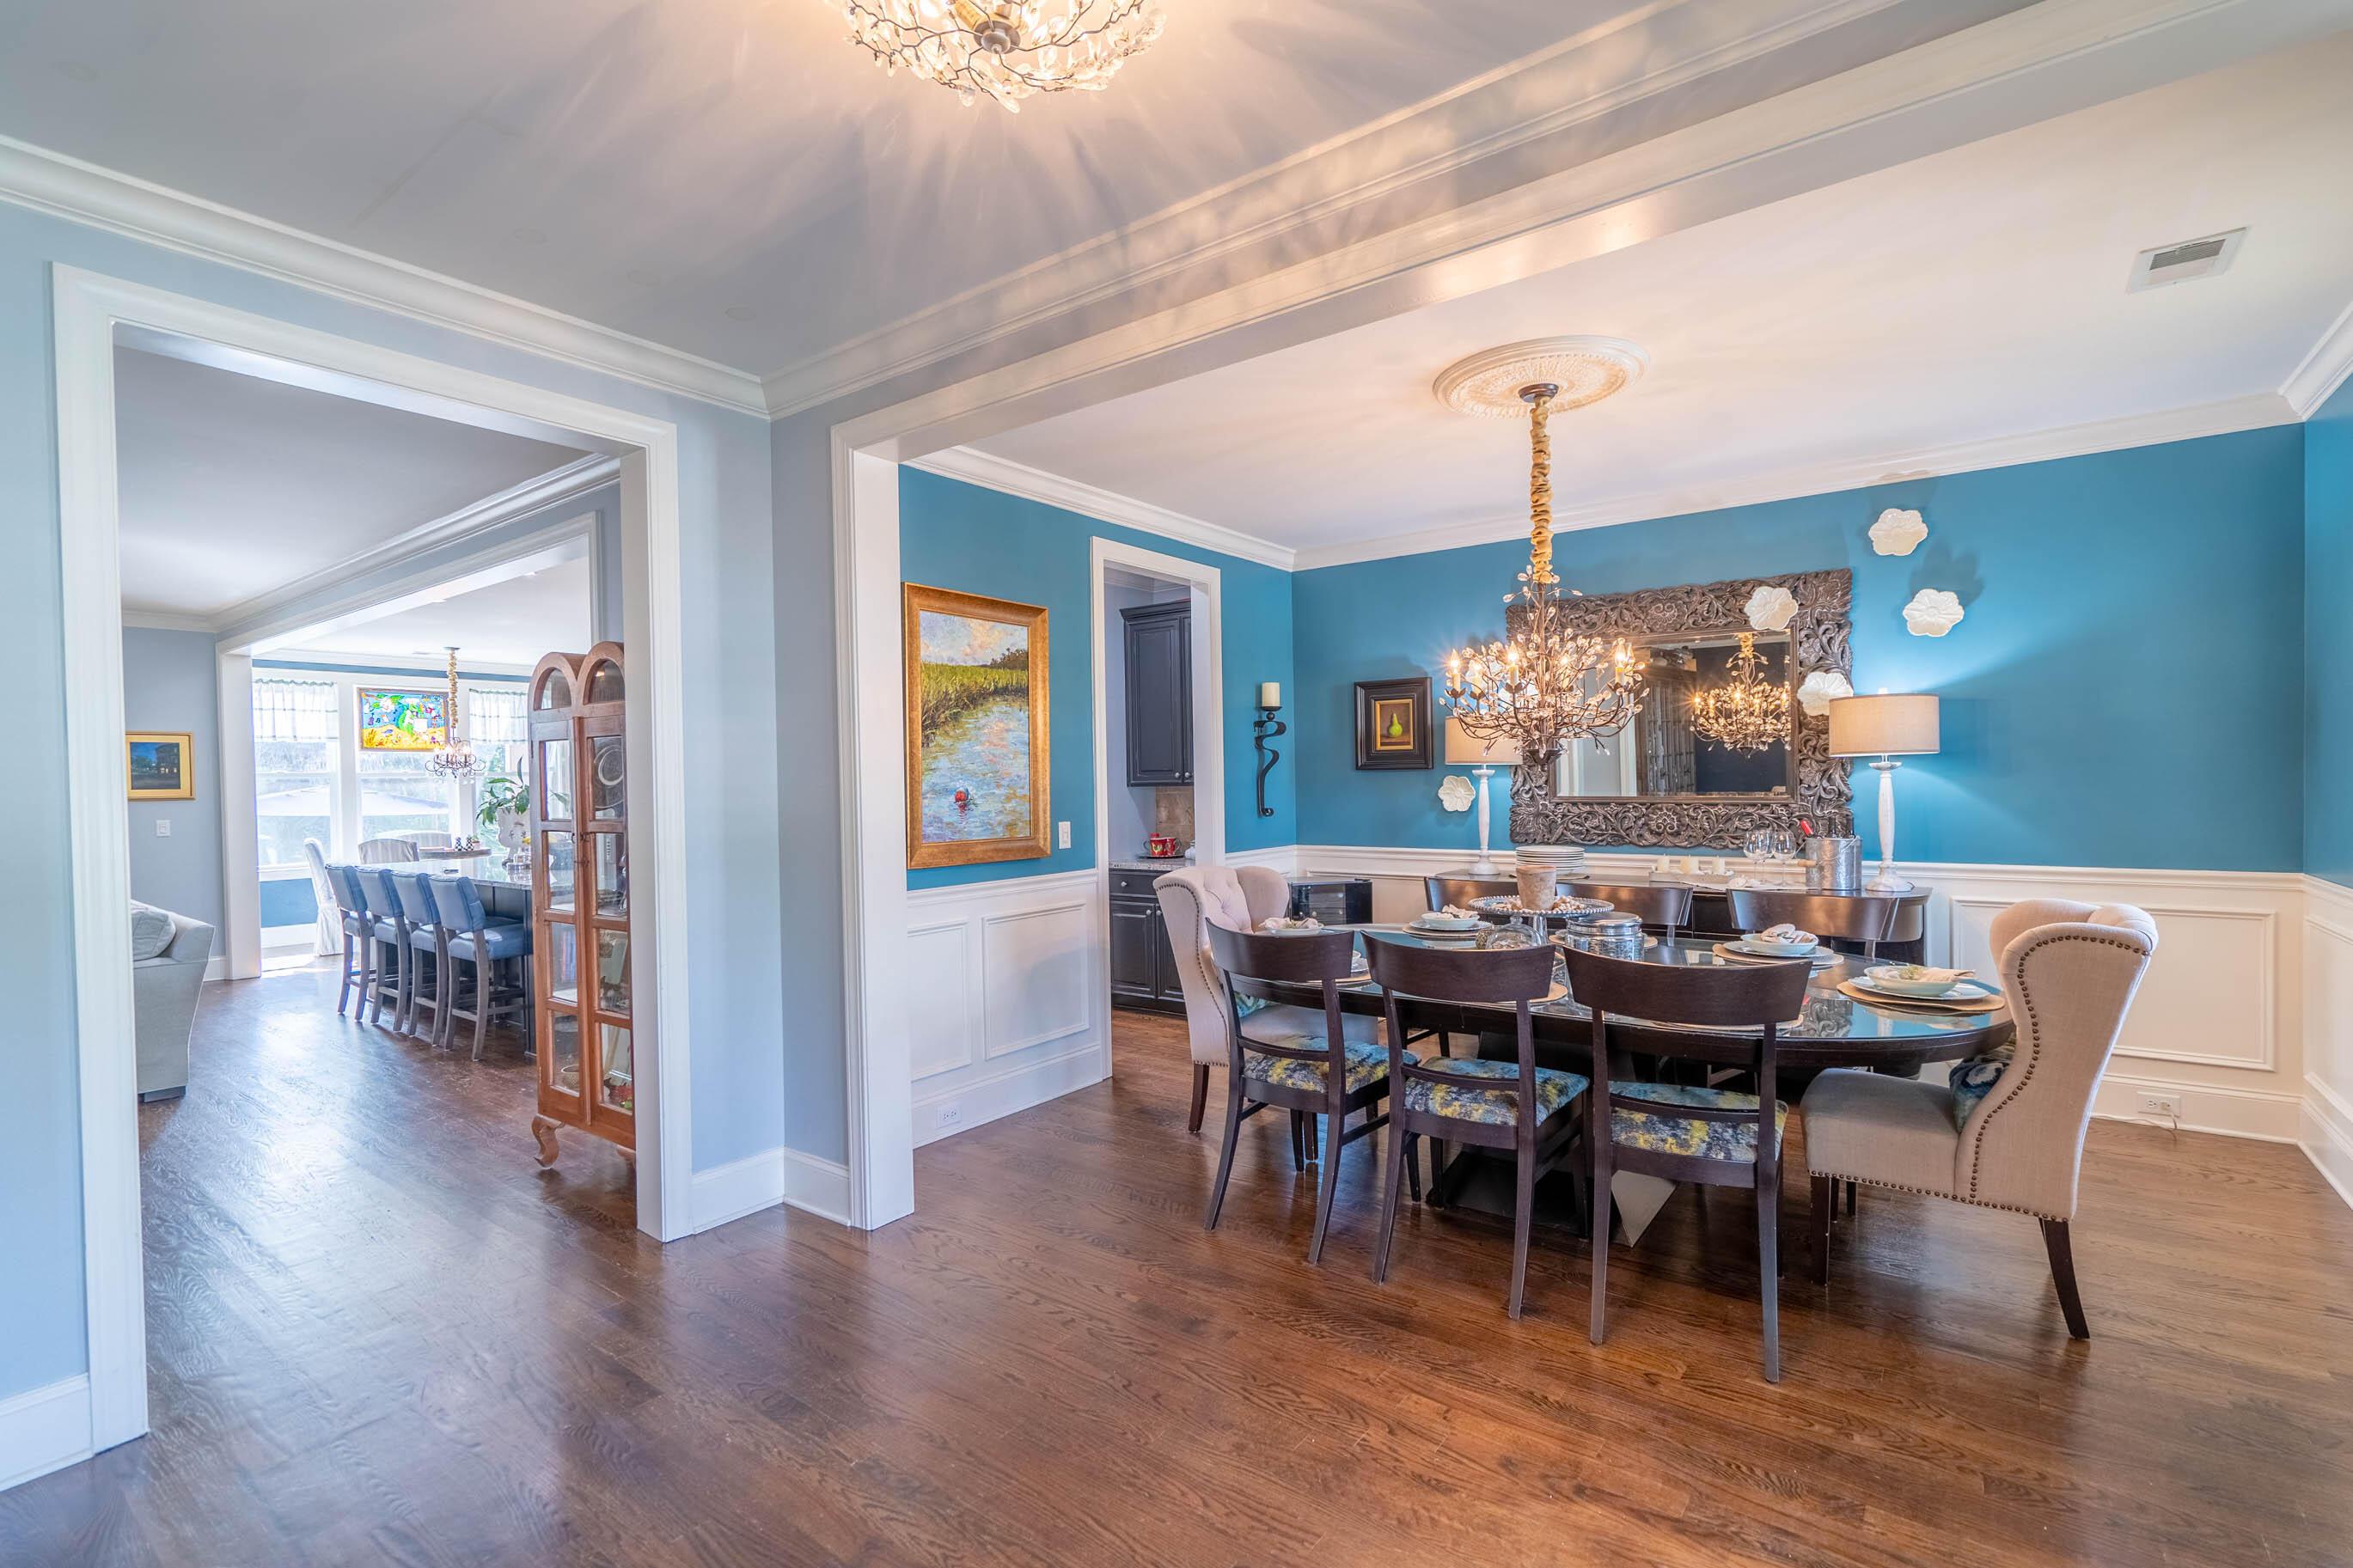 Dunes West Homes For Sale - 2997 Sturbridge, Mount Pleasant, SC - 13